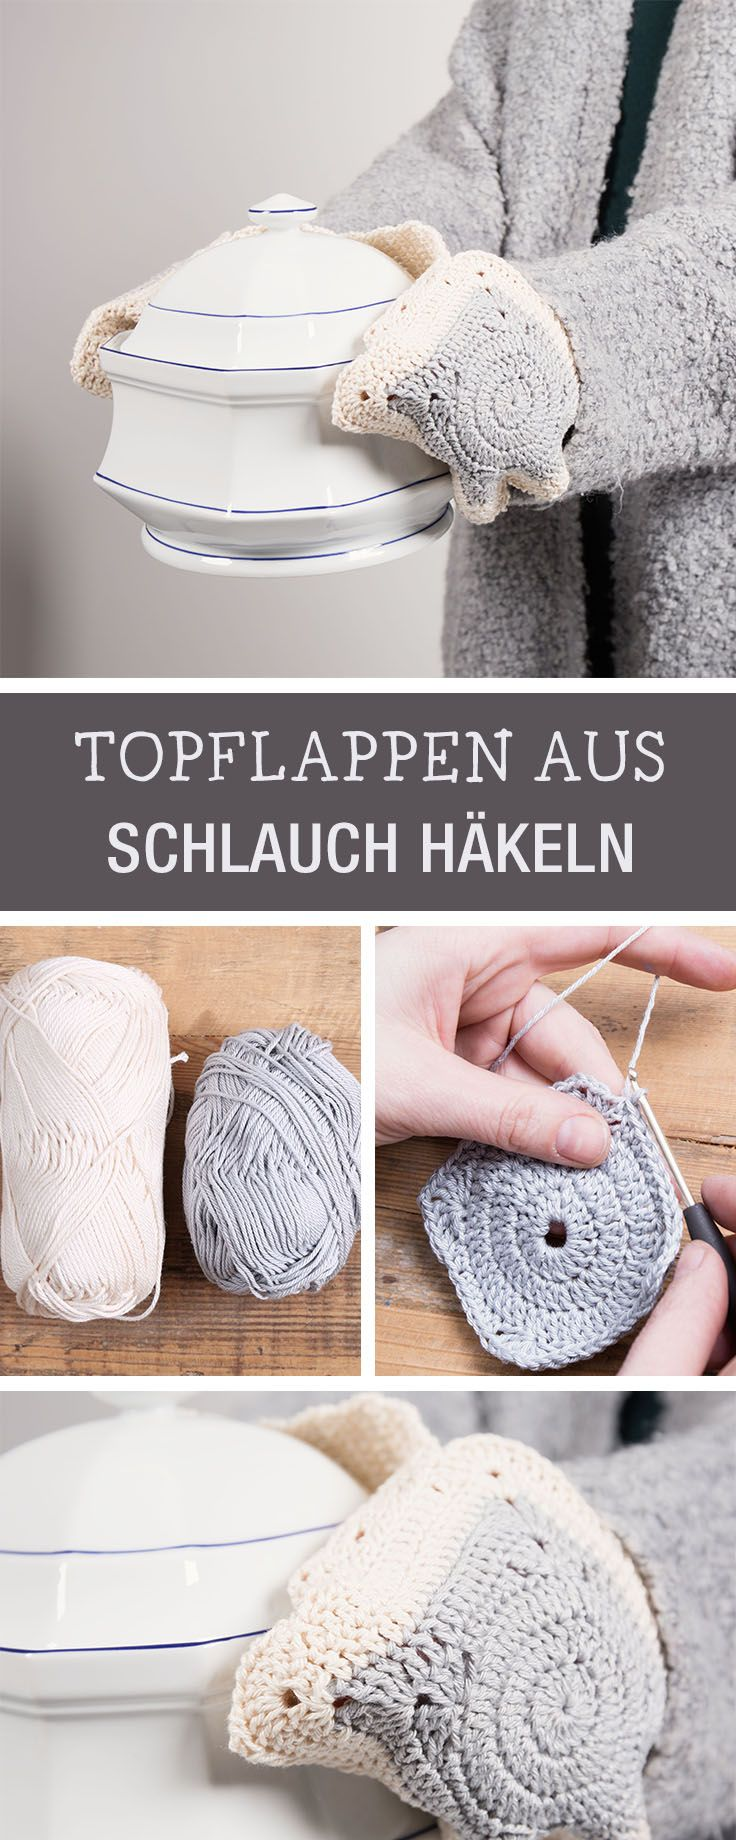 DIY-Anleitung: Topflappen aus langem Schlauch häkeln via DaWanda.com ...